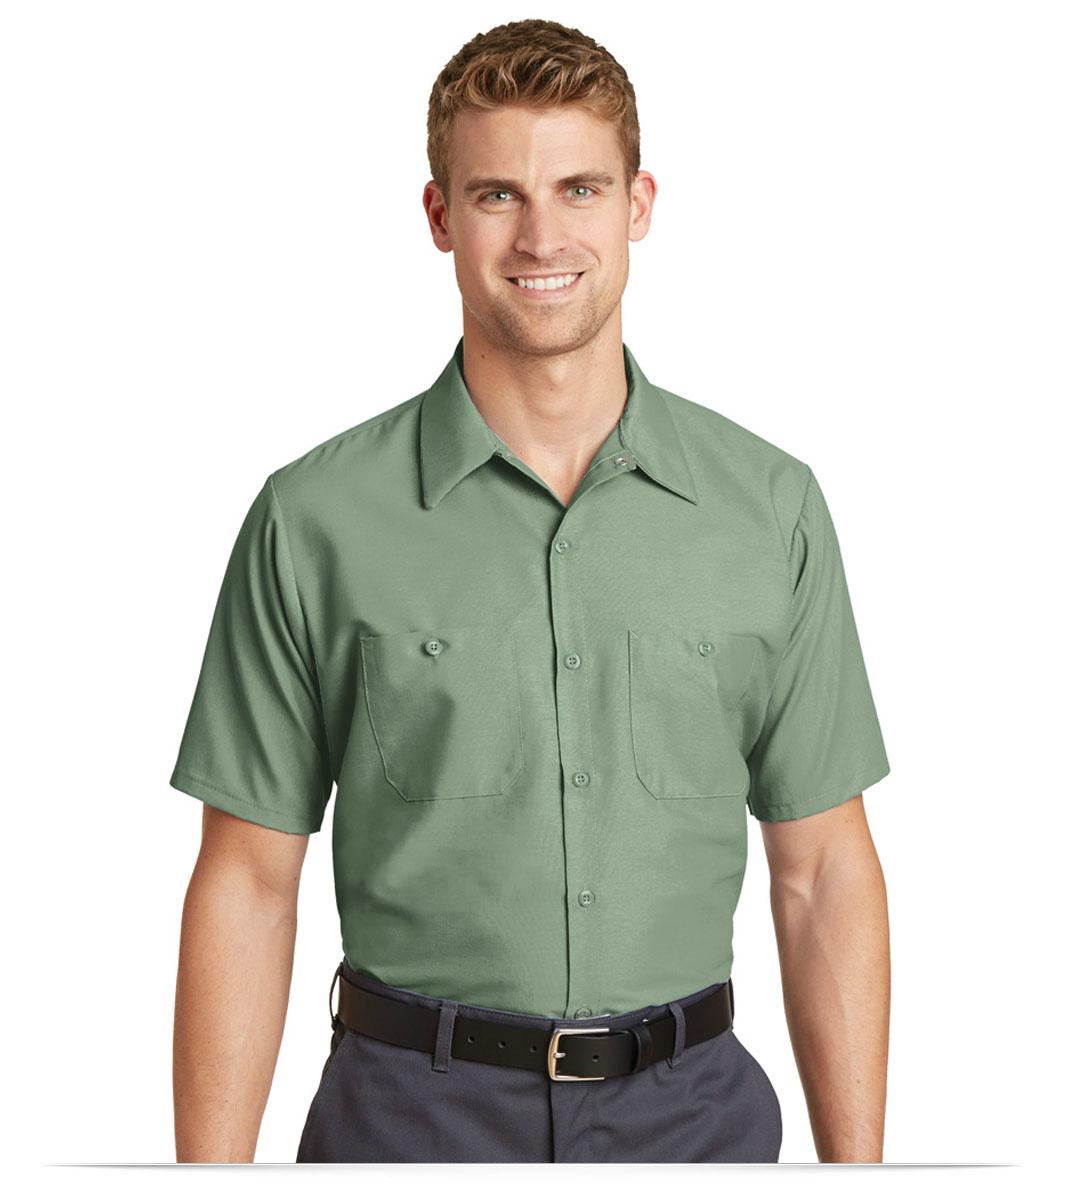 83a4525bdf0f55 Custom Red Kap Short Sleeve Industrial Work Shirt Online at AllStar Logo